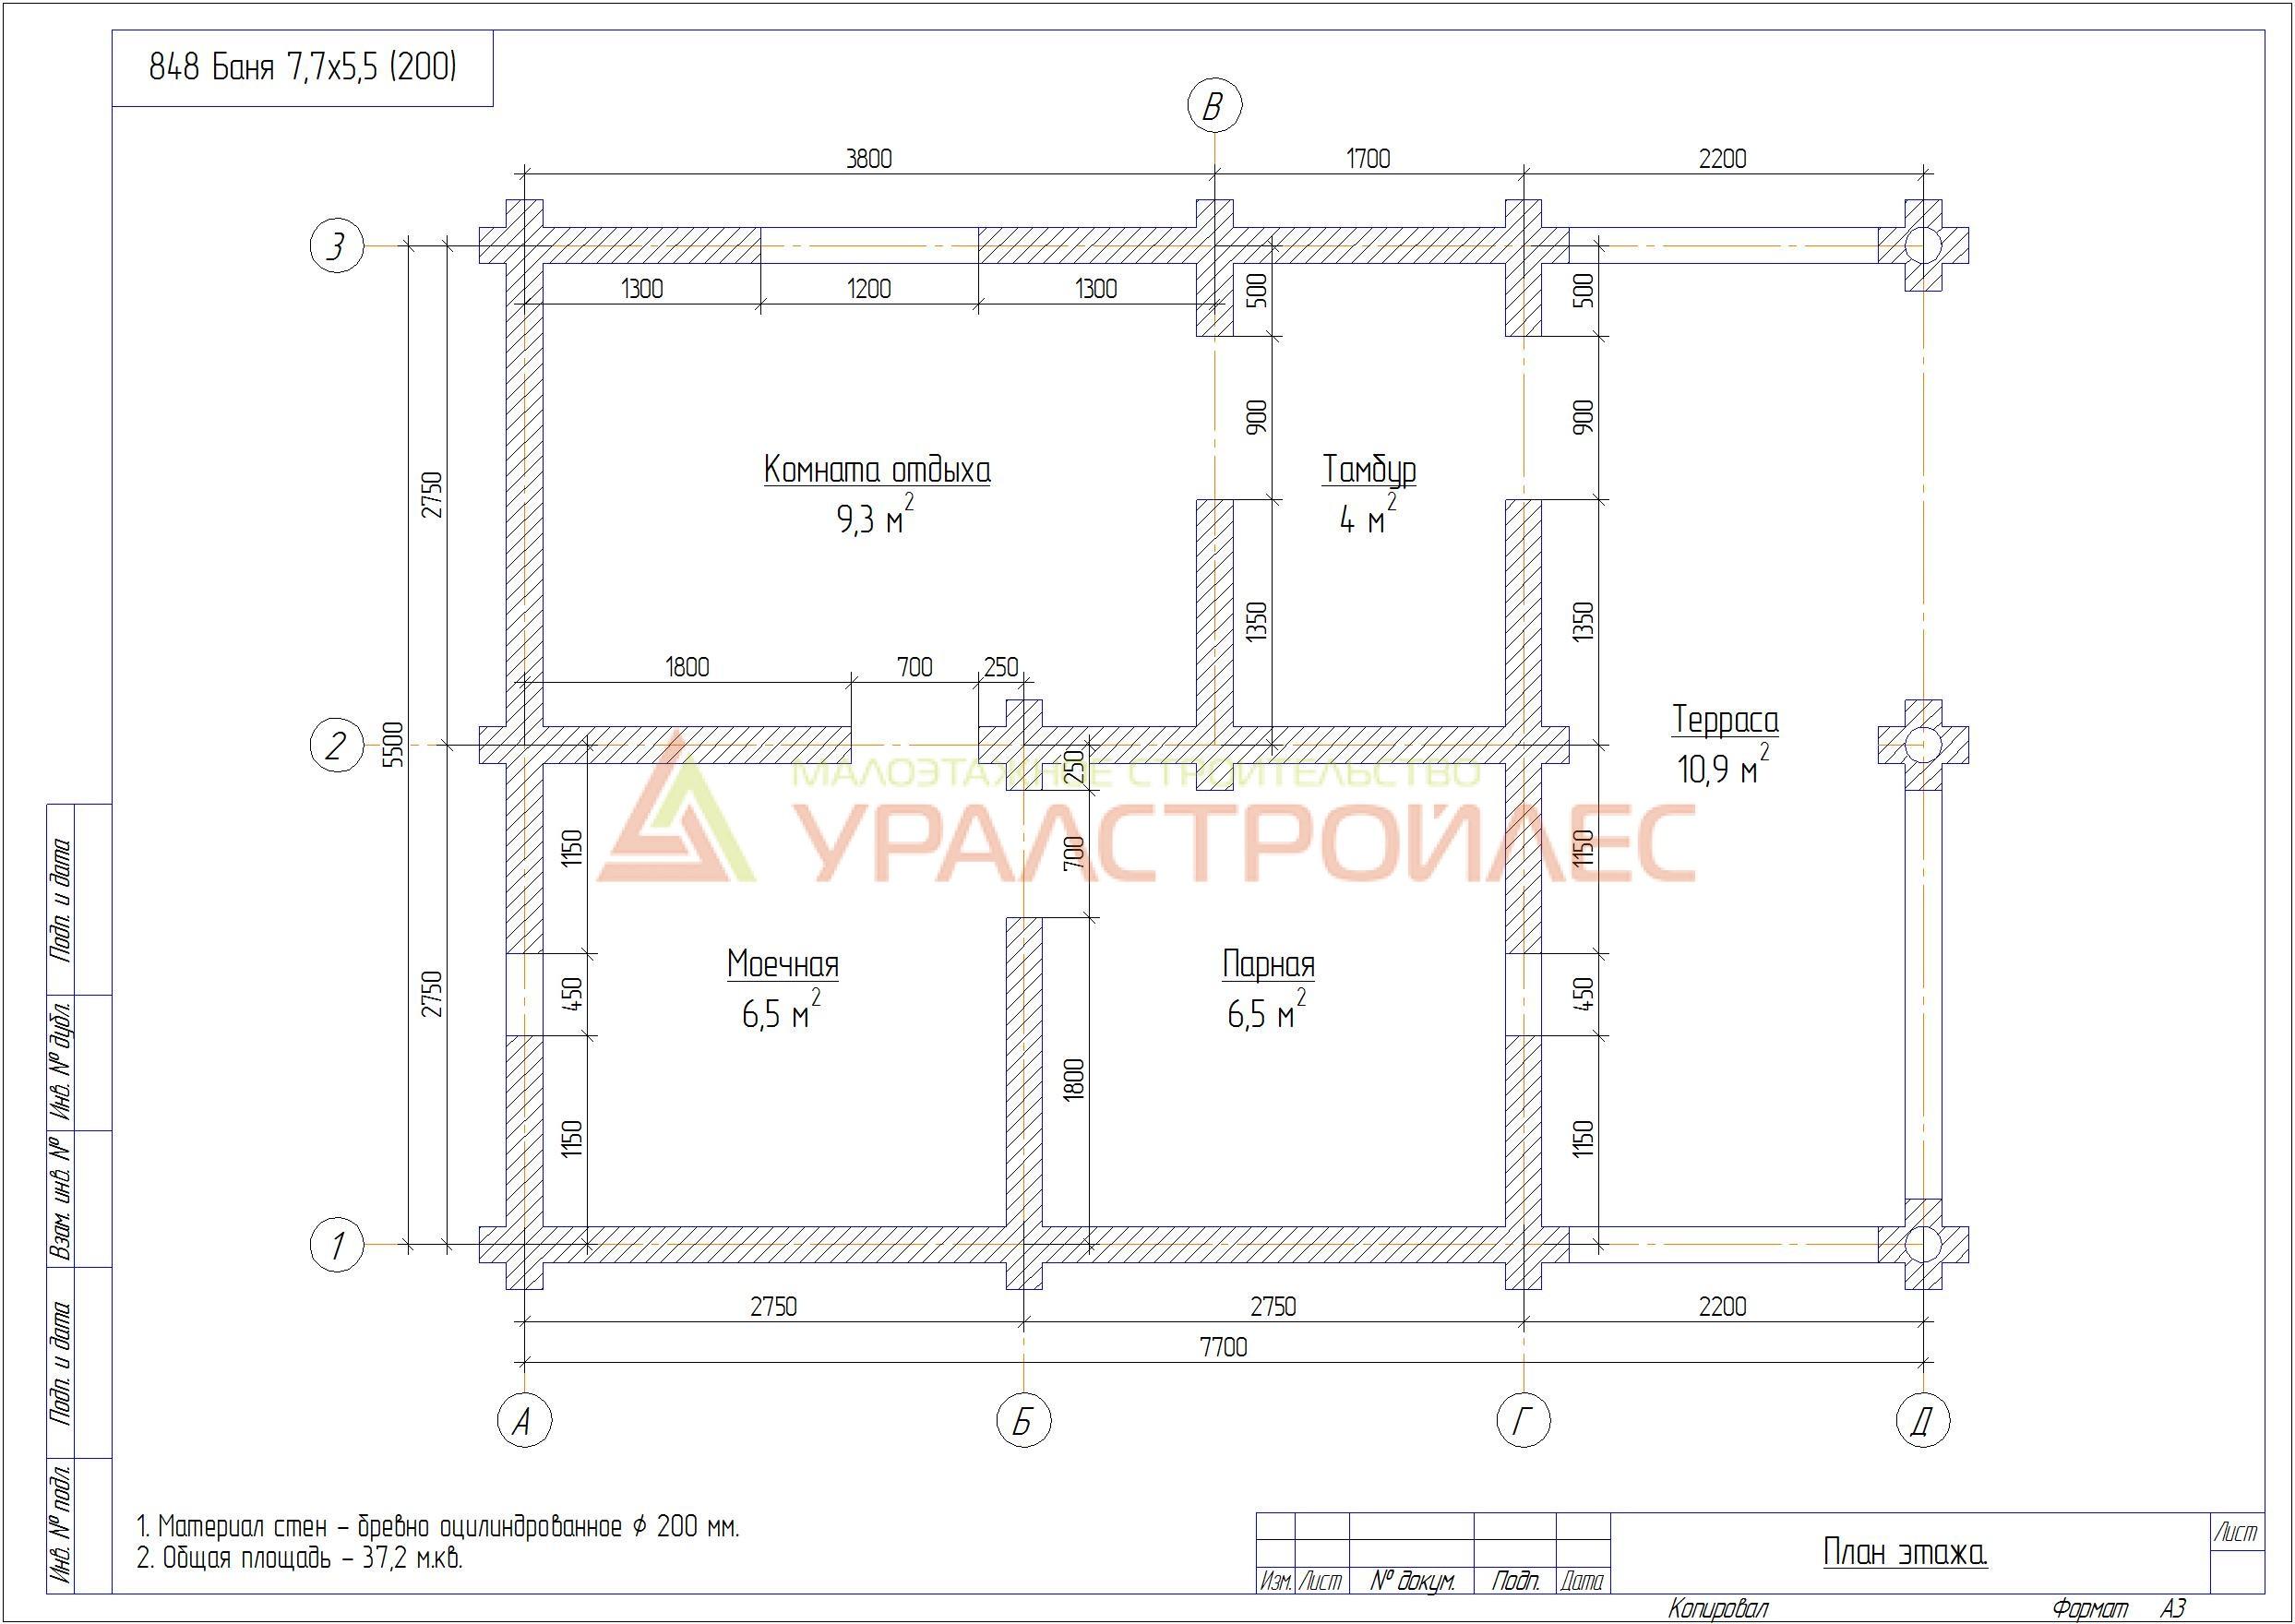 Проект № 848 г. Тюмень КП. Зеленые Холмы Ирбитский тракт.